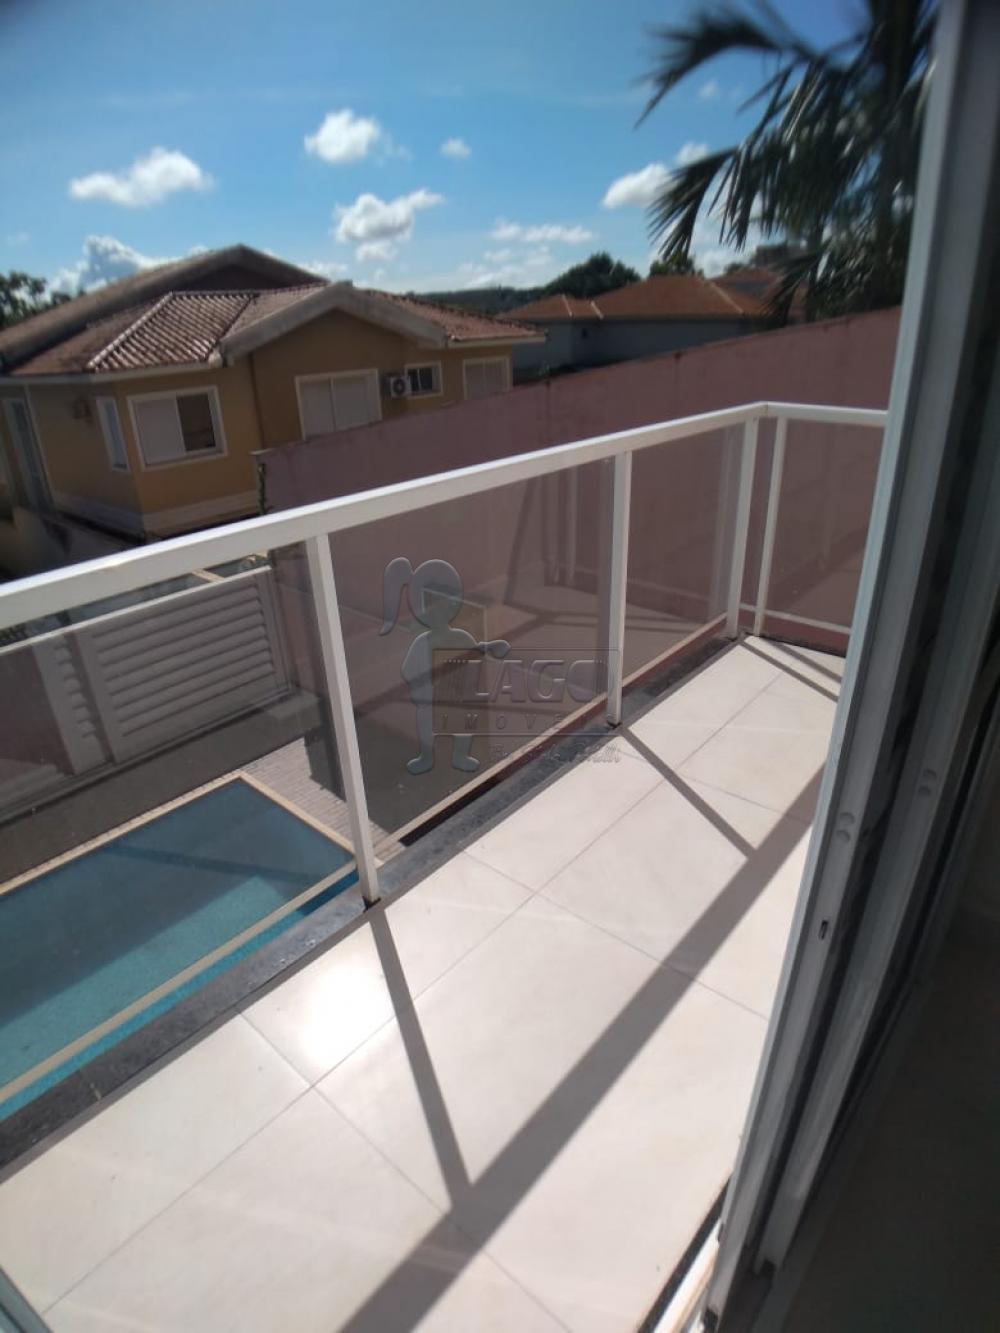 Alugar Casas / Condomínio em Bonfim Paulista apenas R$ 4.500,00 - Foto 28